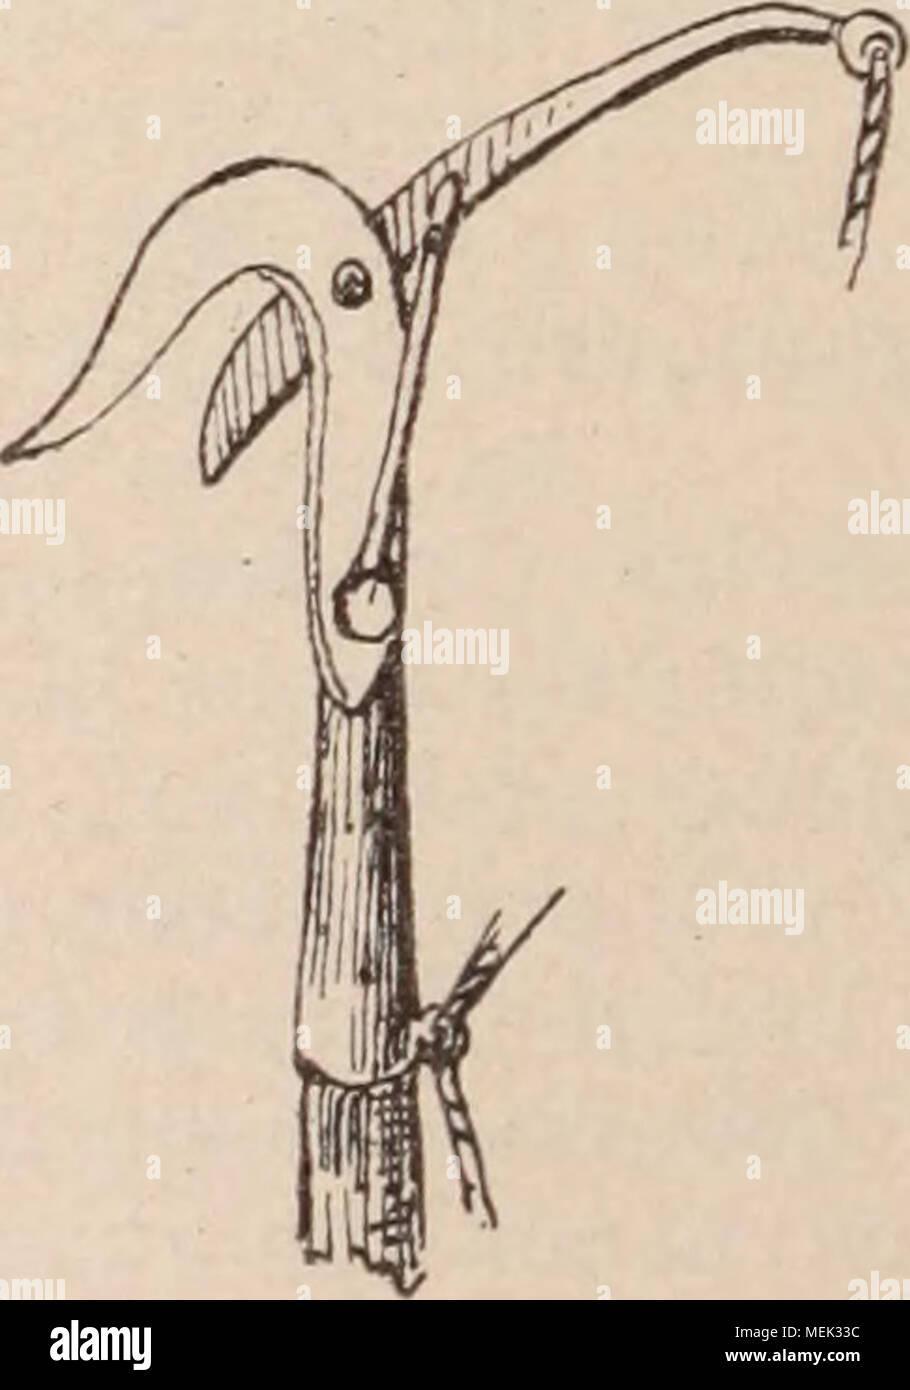 . Dictionnaire d'horticulture illustré / par D. Bois  préface de Maxime Cornu  avec la collaboration de E. André ... [et al.]. . Fig. 322. â ECHENILLOIR. Les Echenilloirs servent non-seulement à couper les branches portant des nids de che- nilles, mais aussi à récolter des greffons, et même, au besoin, à tailler ou supprimer des branches éloignées et hors de la portée des échelles. L. H. - Stock Image